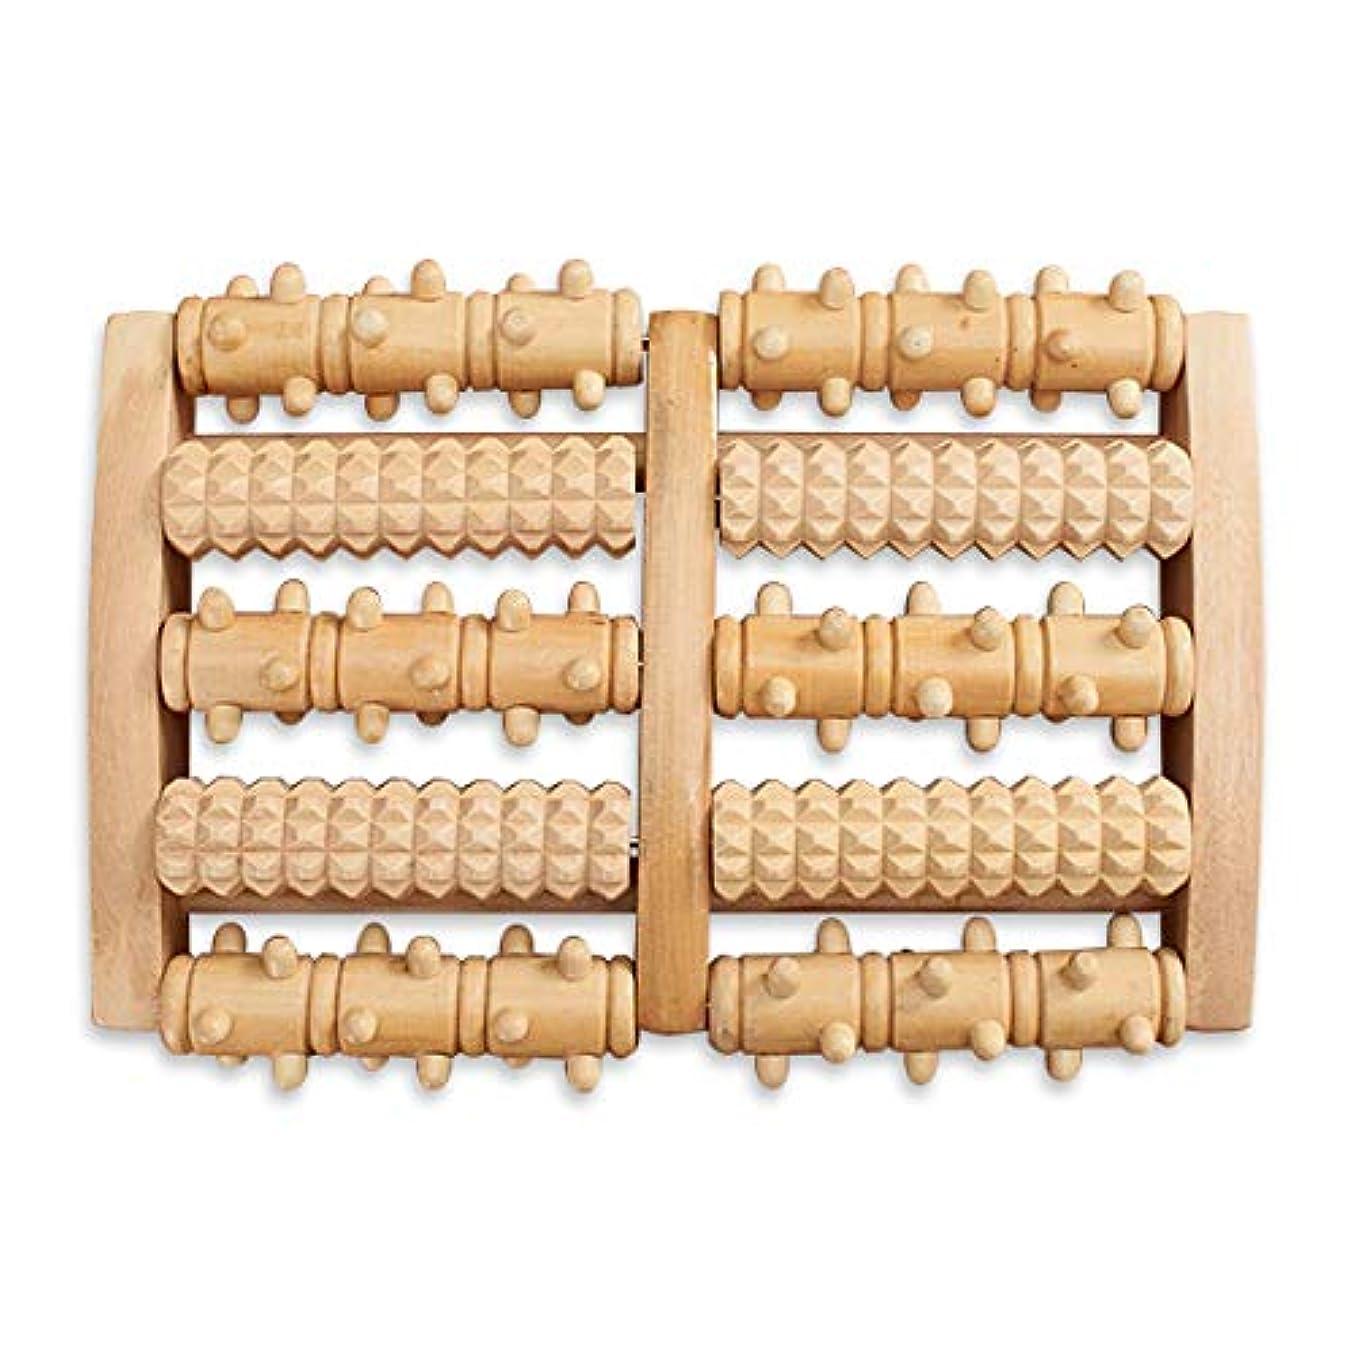 拡散する画面連帯HAMILO フットローラー フットマッサージ器 足ツボ押し器 回転 木製 足裏 足つぼ 按摩 (ナチュラルウッド)